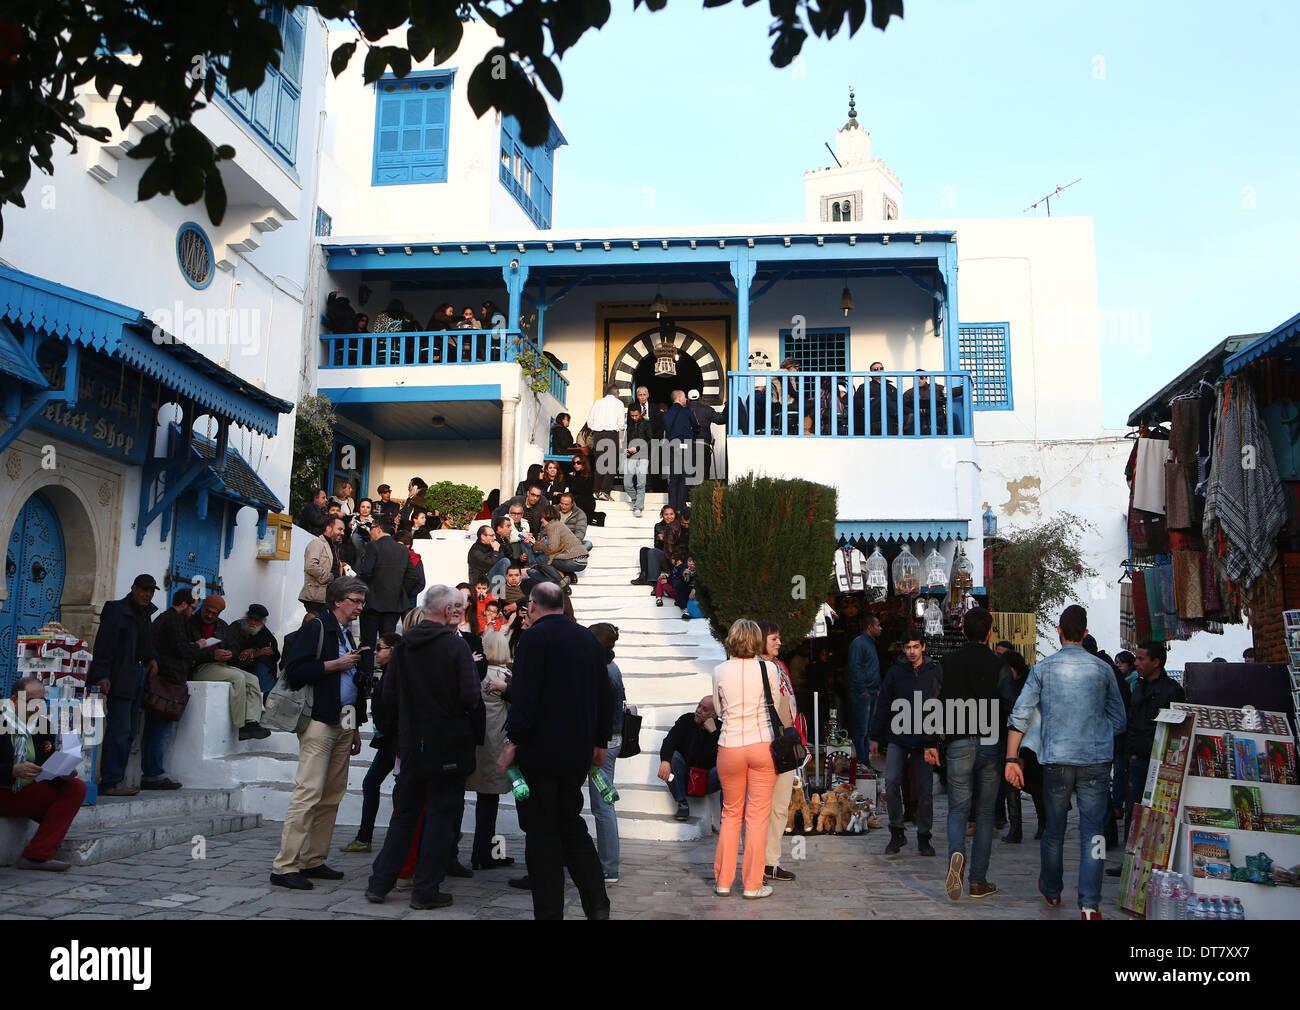 Guardare il cafe del Nattes in l'artista della città di Sidi Bou Said al di sopra del capitale di Tunisi su 08.02.2014. Qui è nato il famoso dipinto del pittore tedesco August Macke. Immagini Stock